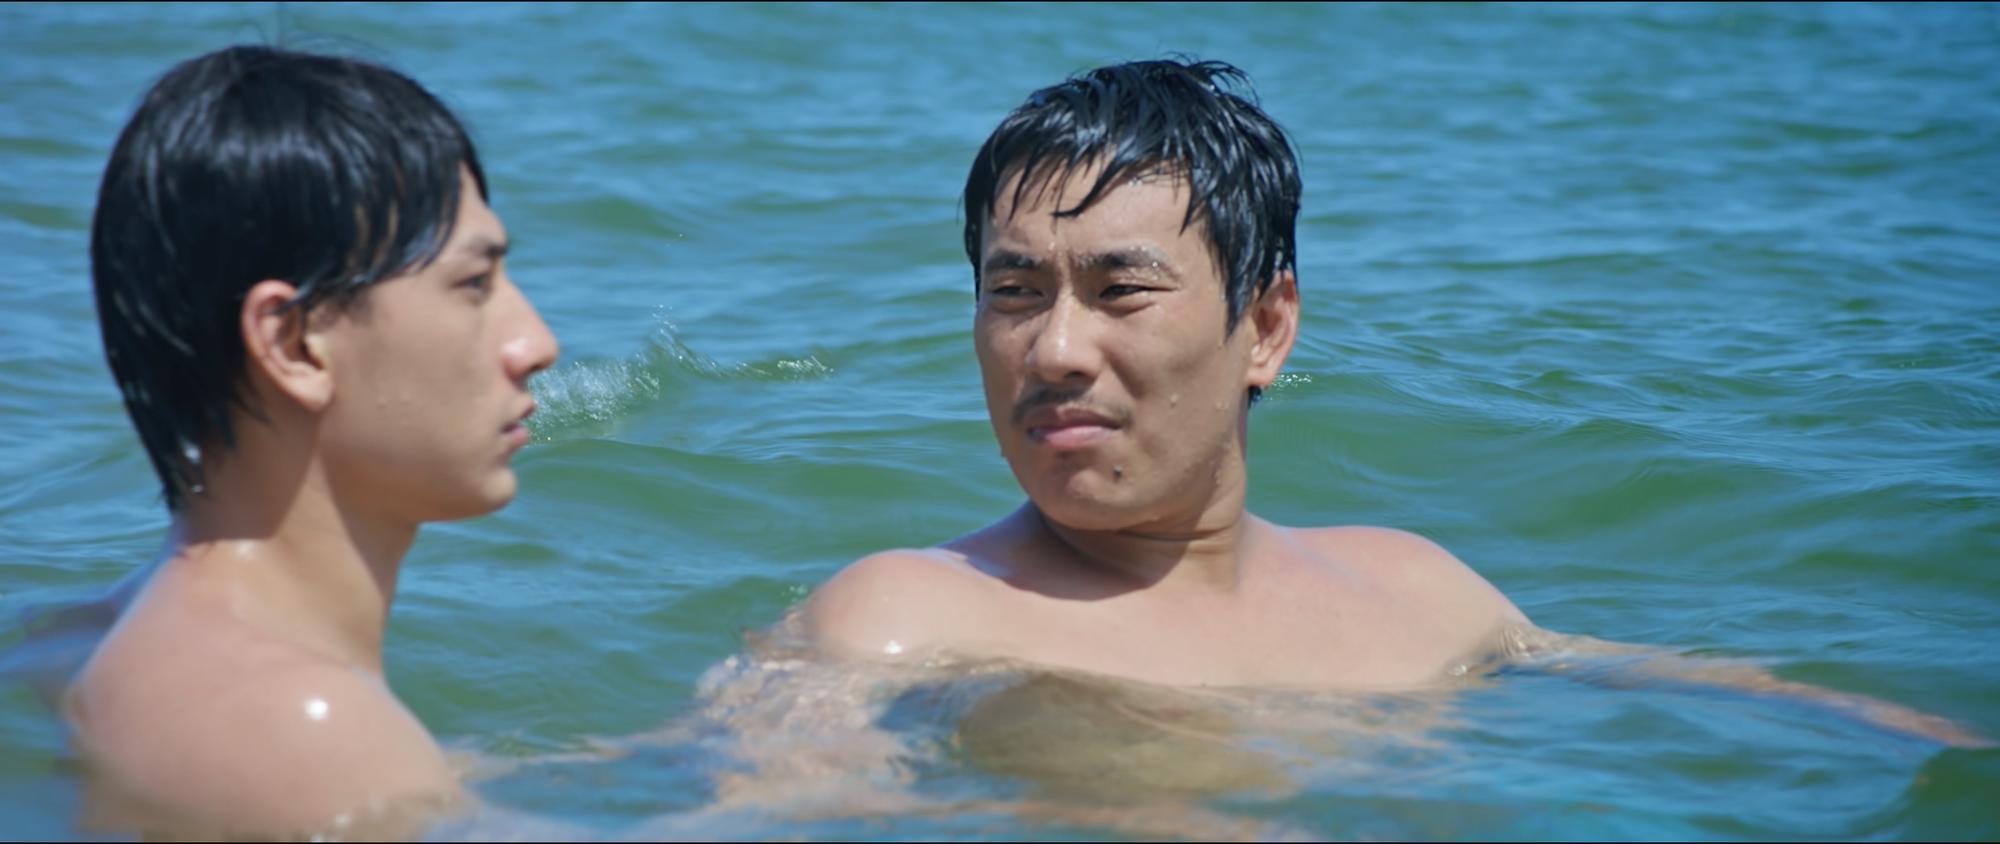 Anh Trai Yêu Quái được thánh lầy độ: Đi bơi dạt mất quần, Isaac đòi Kiều Minh Tuấn cởi gấp lấp vội thân dưới - Ảnh 11.